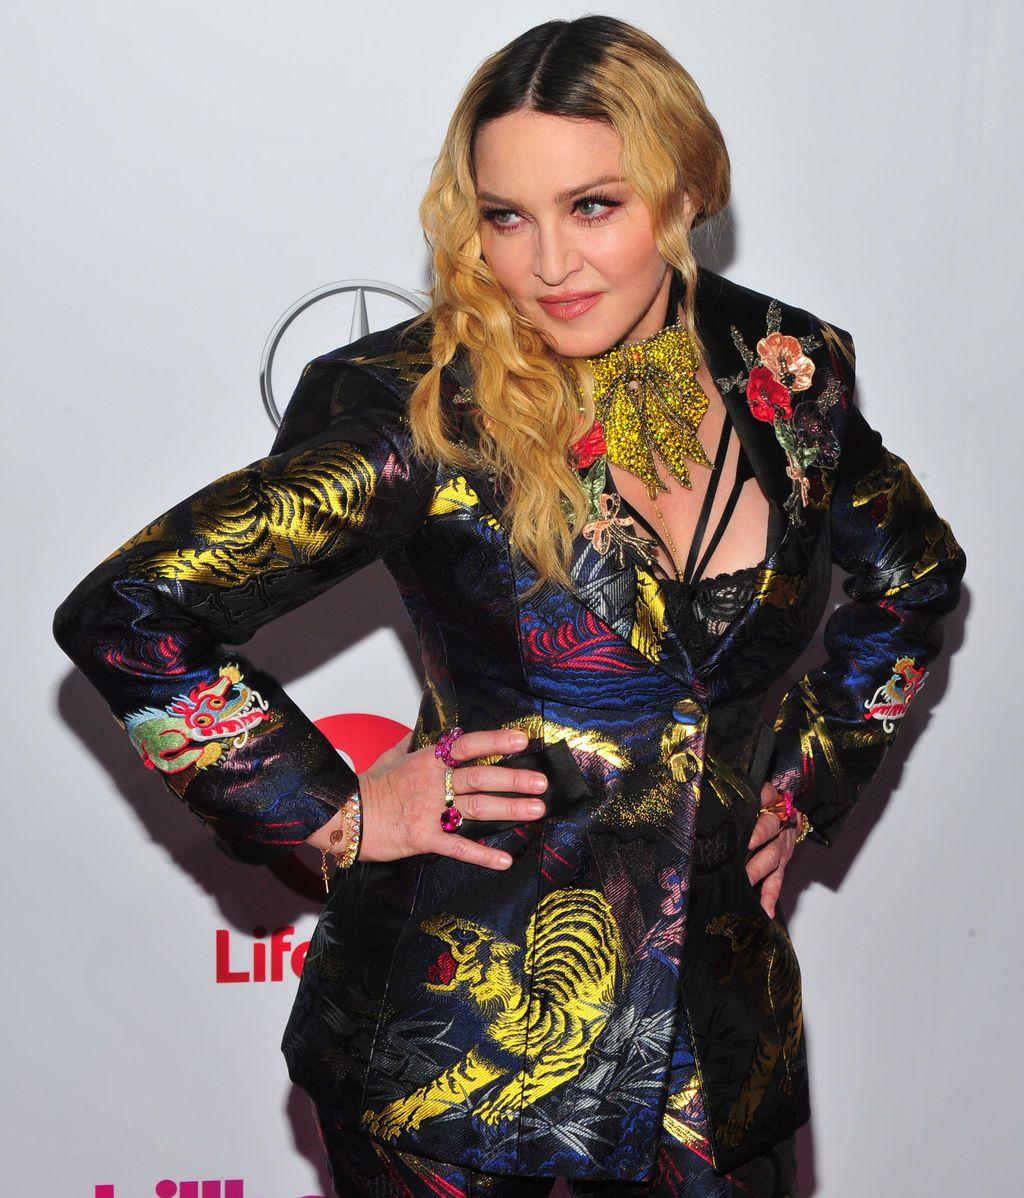 El motivo por el que la cantante Madonna voló en clase turista